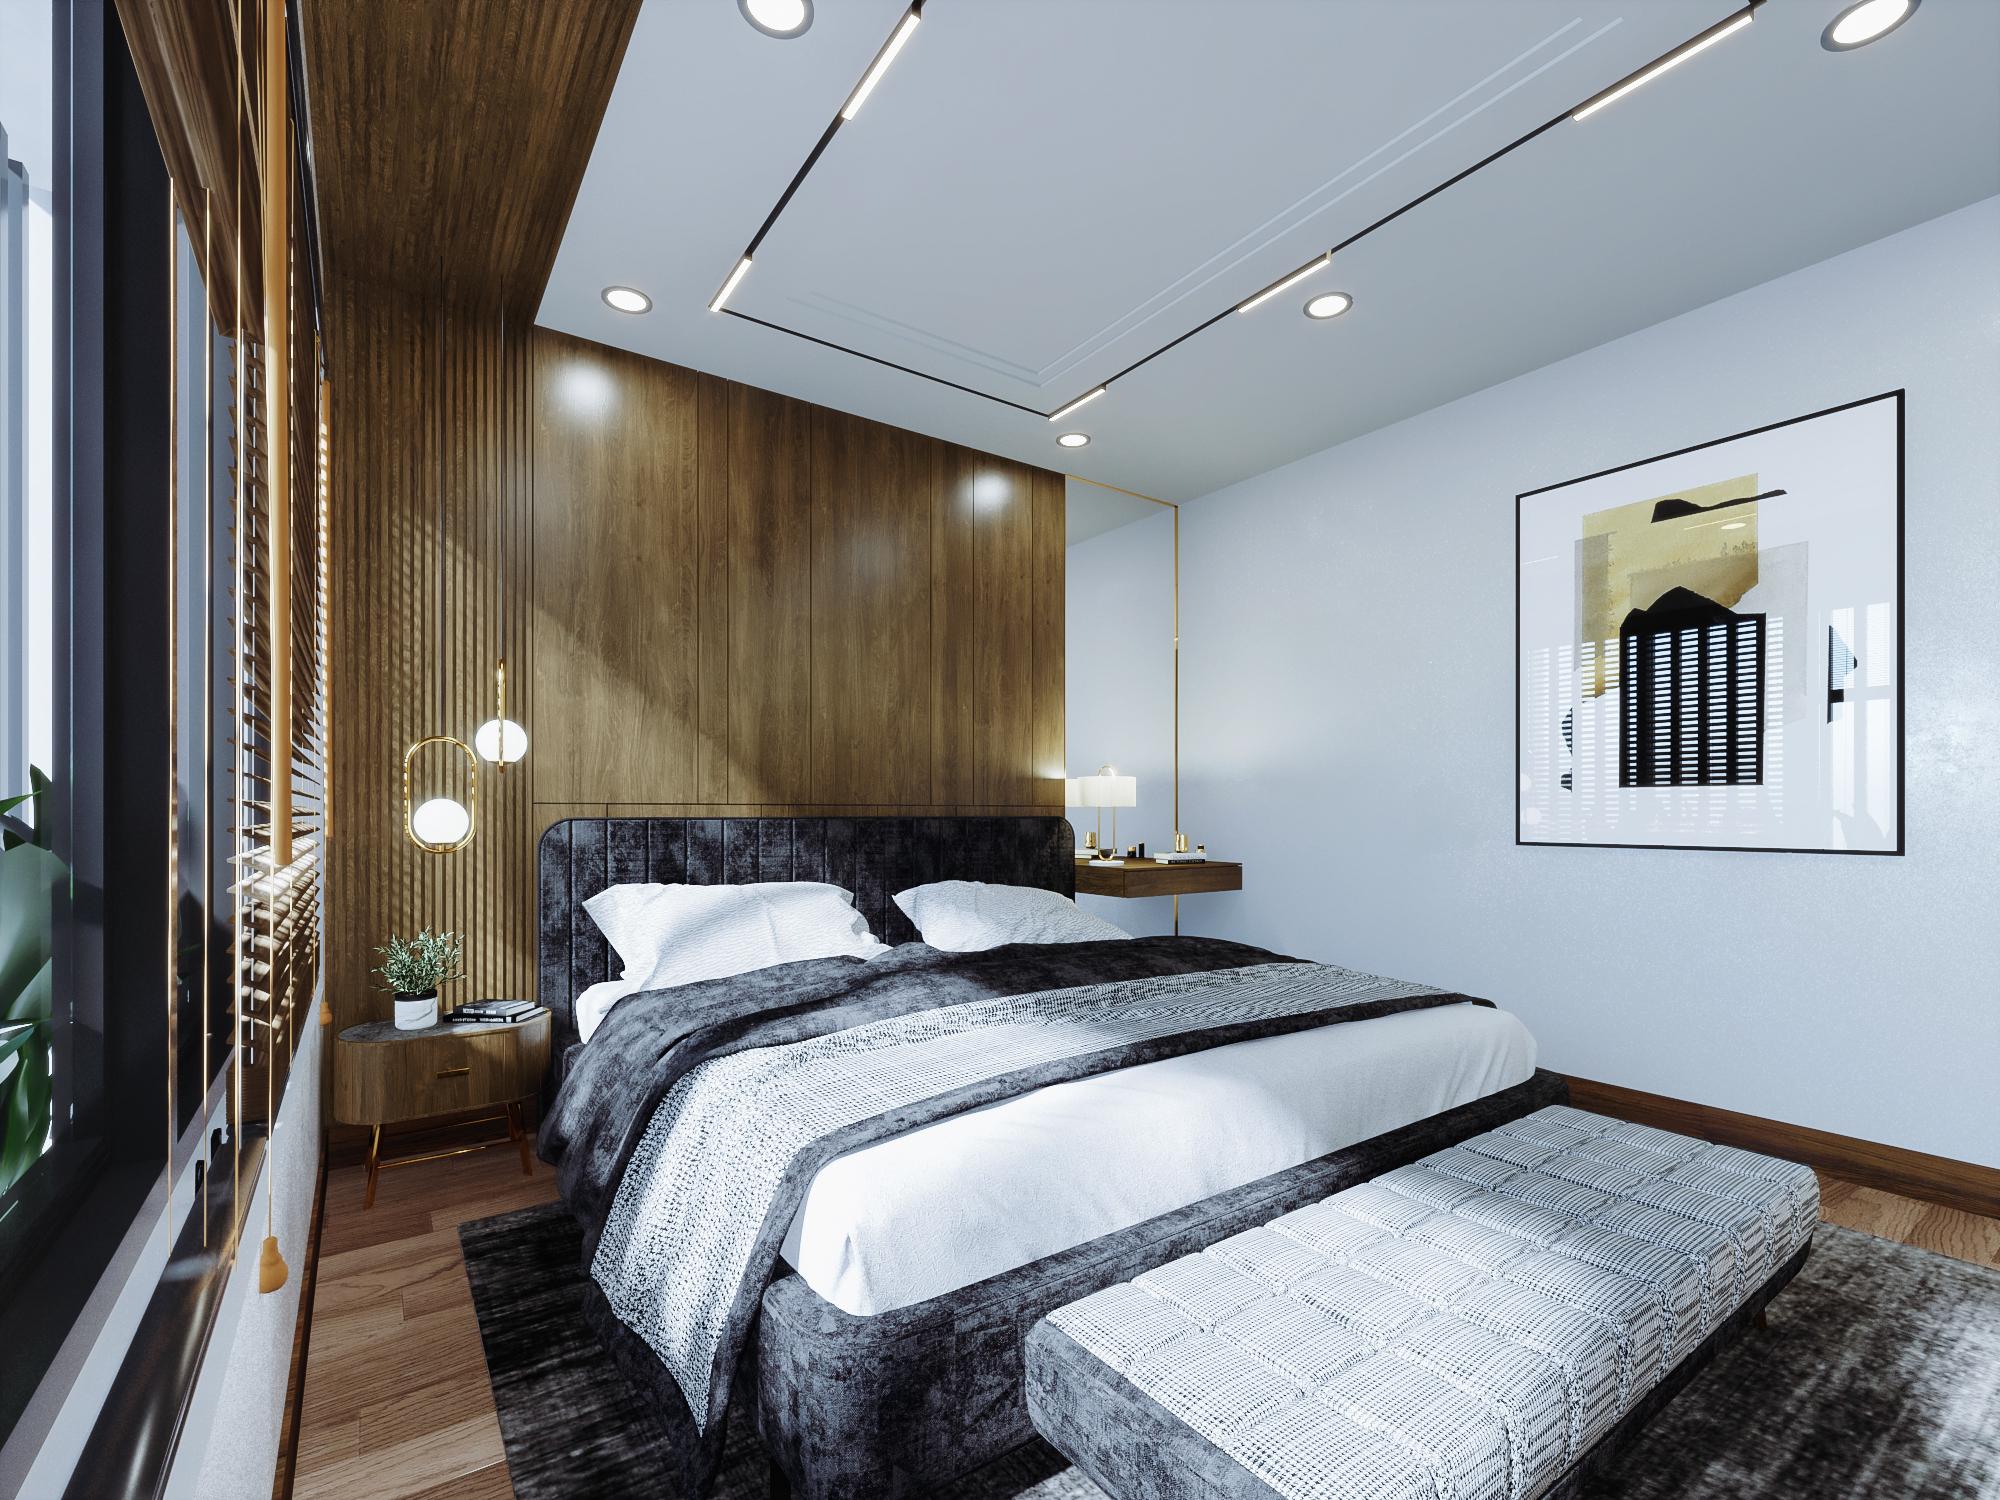 Thiết kế nội thất Nhà Mặt Phố tại Đà Nẵng Nội thất nhà phố 1591588814 7